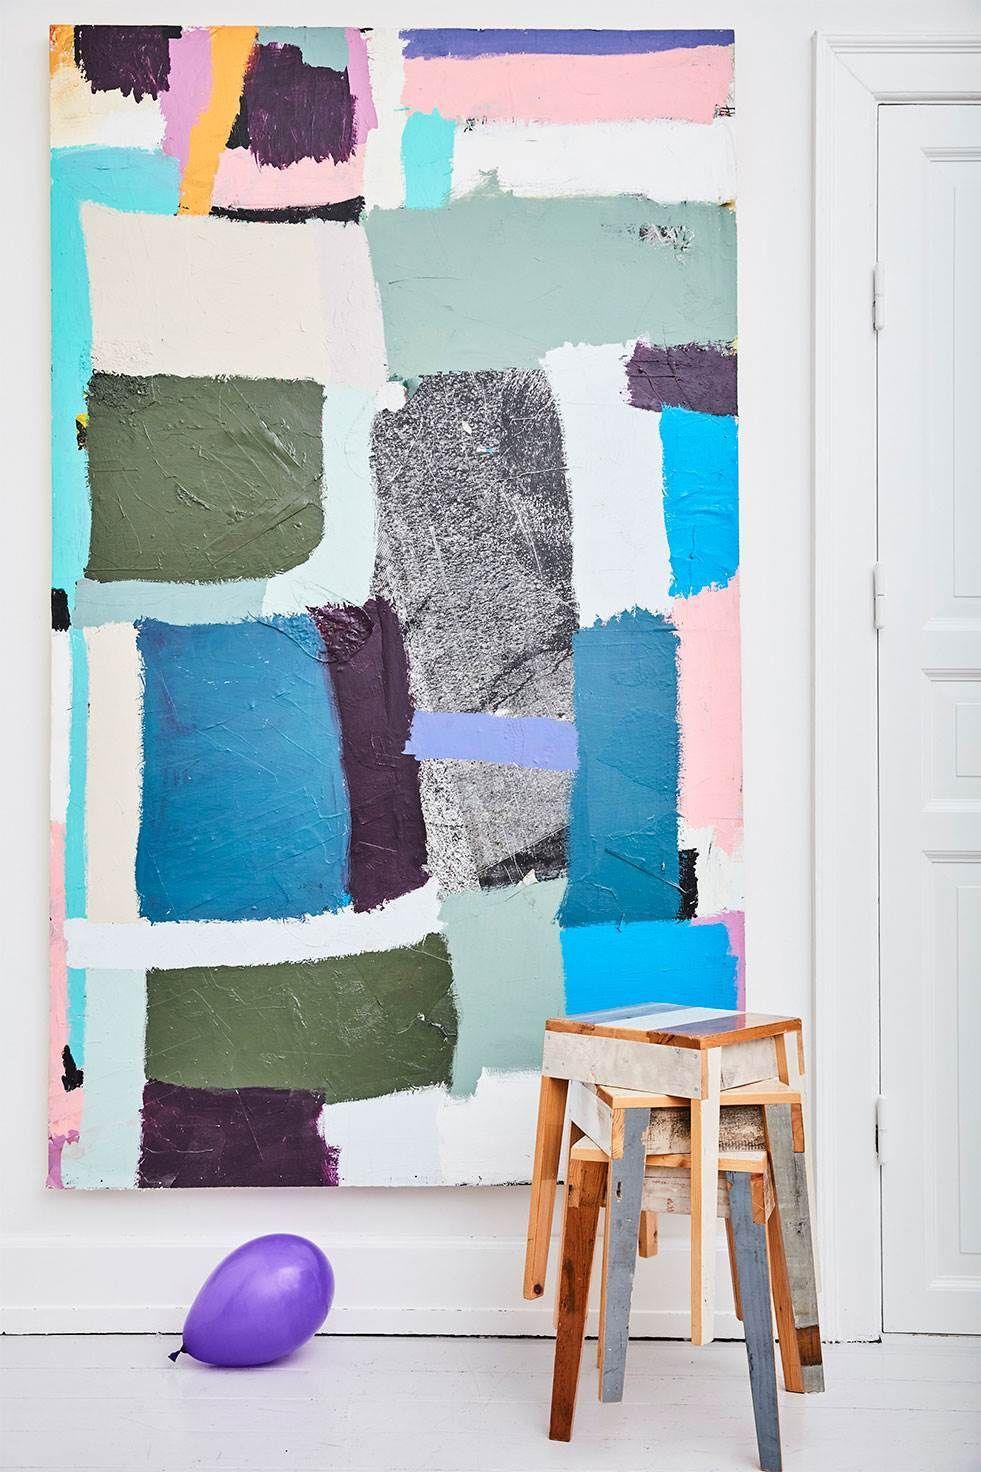 Kom Indenfor Hos Det Kreative Aegtepar Bag Det Succesfulde Modebrand Ganni Ditte Og Nicolaj Reffstrup Kreativ Farver Fotokunst